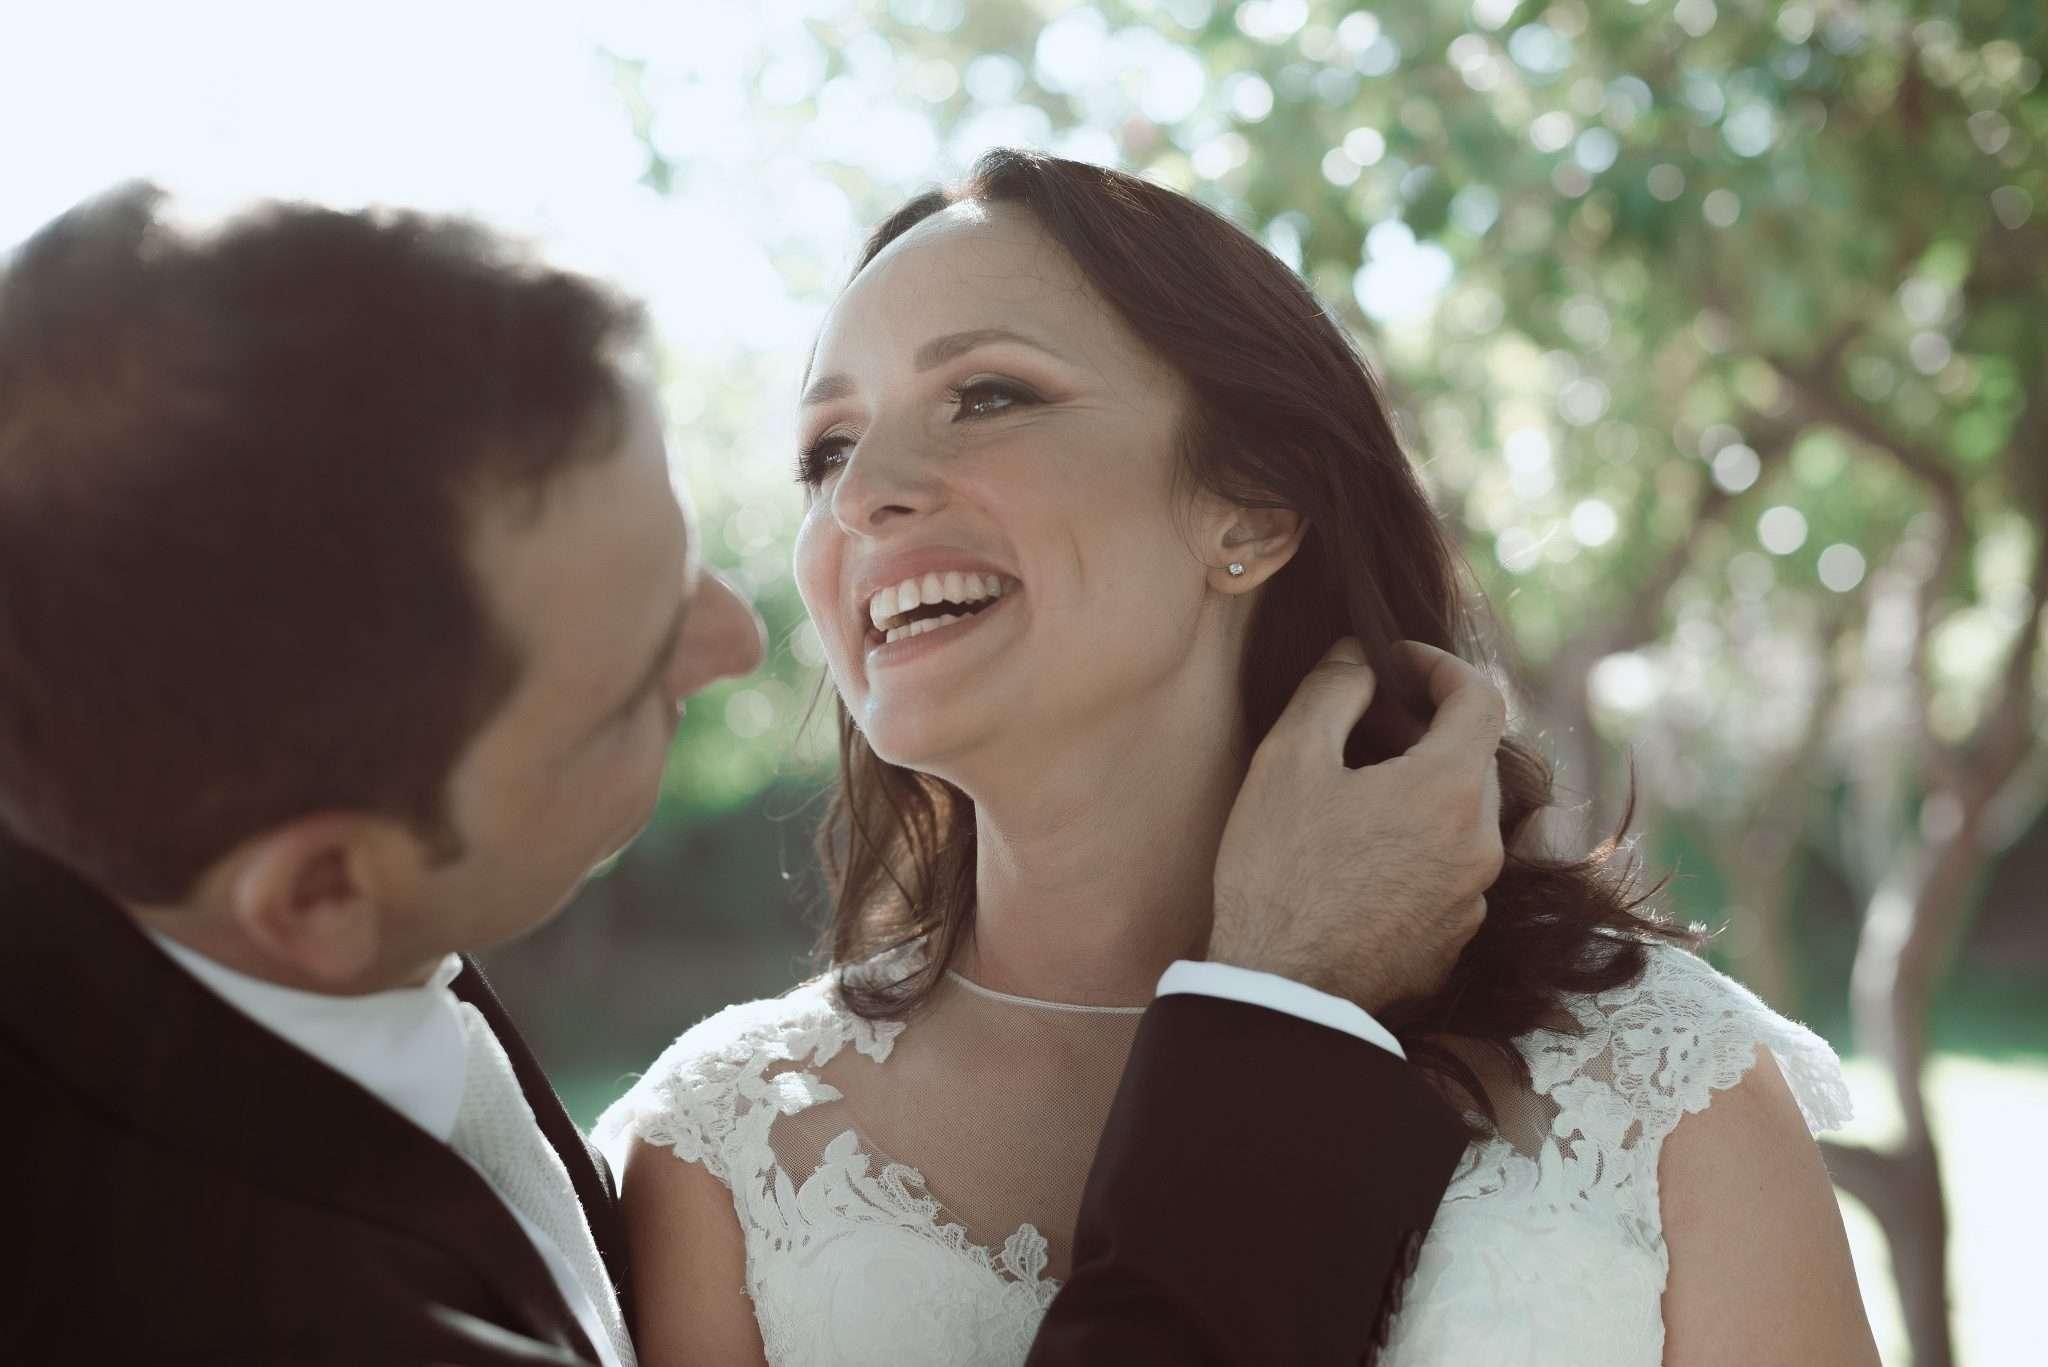 Fotografia sorriso sposa wedding reportage realizzata da Barbara Trincone fotografa con studio a Pozzuoli - Napoli